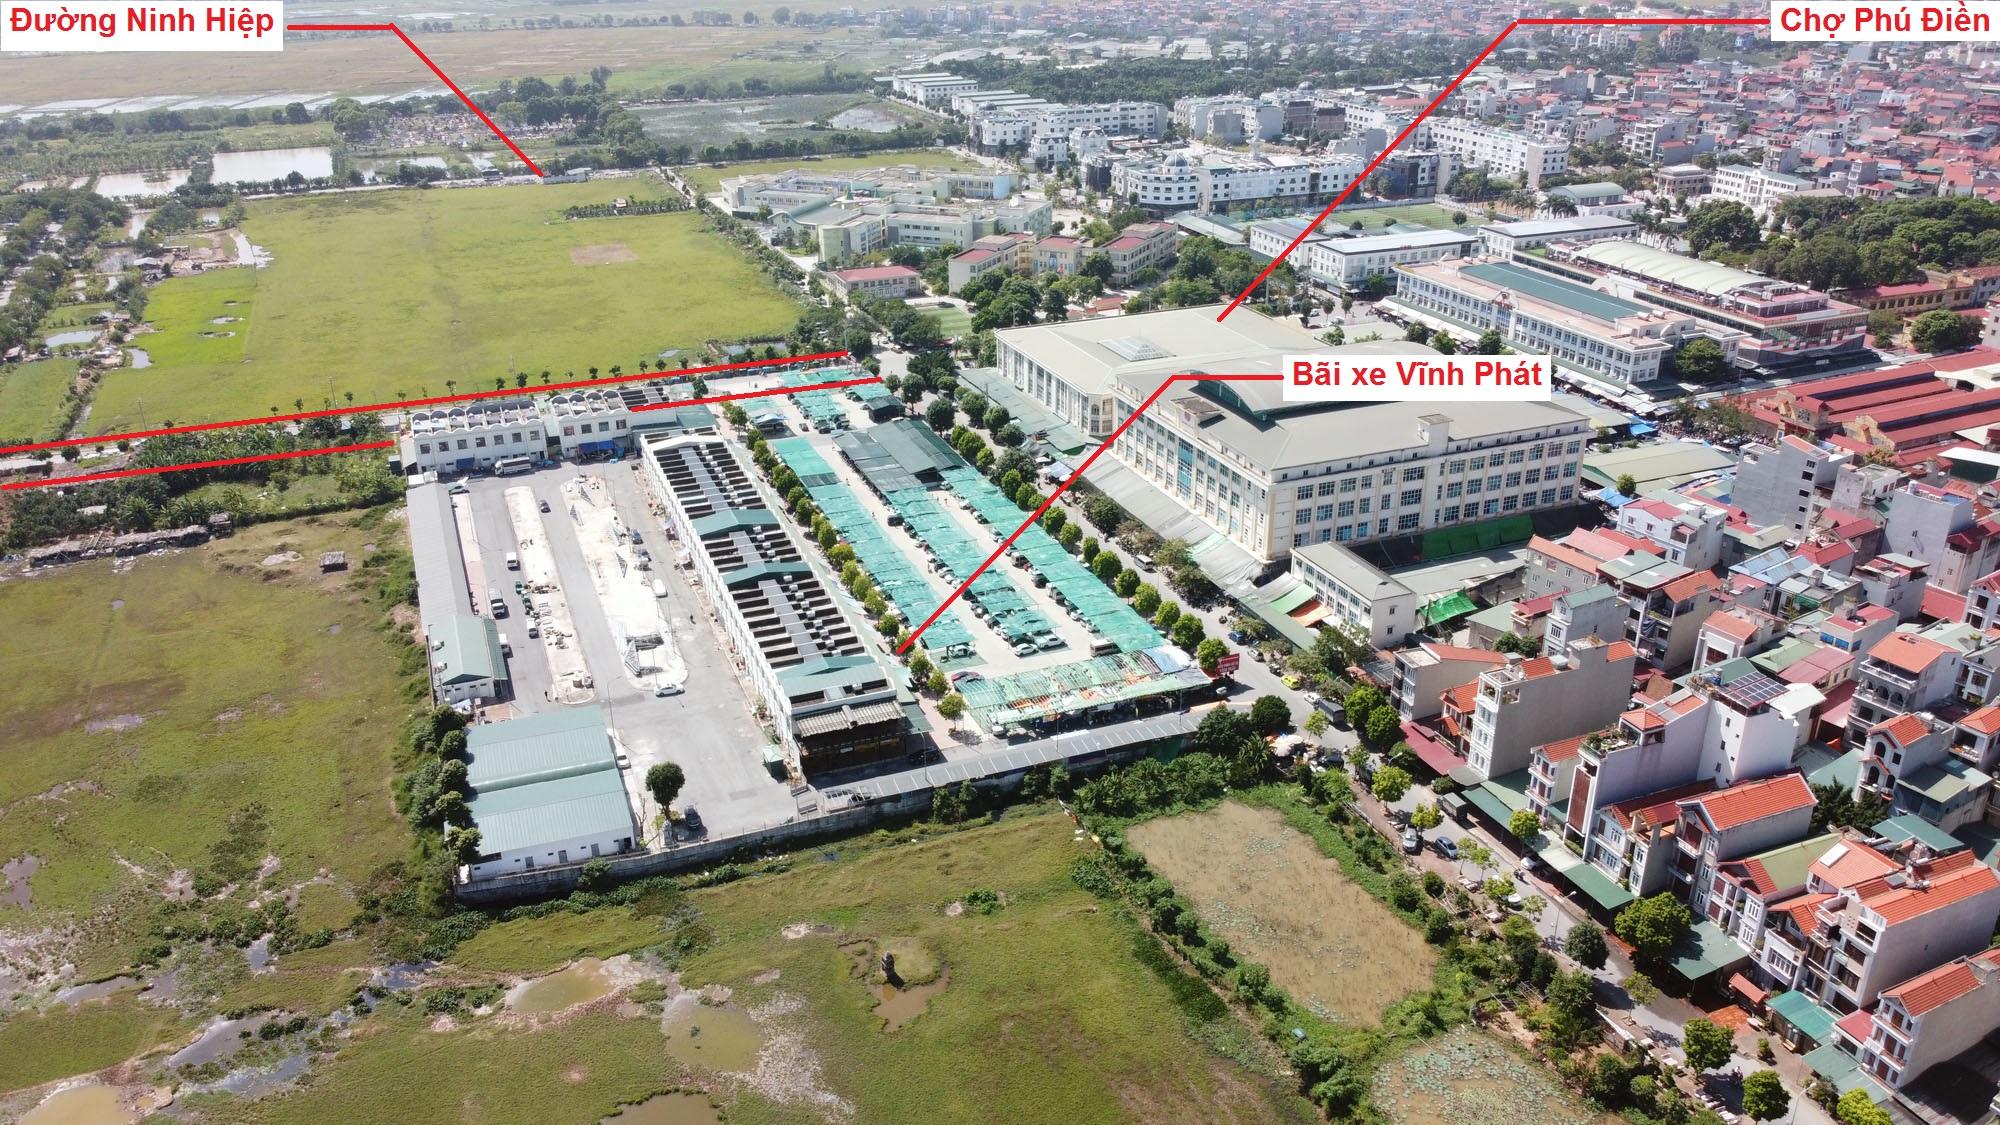 Ba đường sẽ mở theo quy hoạch ở xã Ninh Hiệp, Gia Lâm, Hà Nội - Ảnh 6.